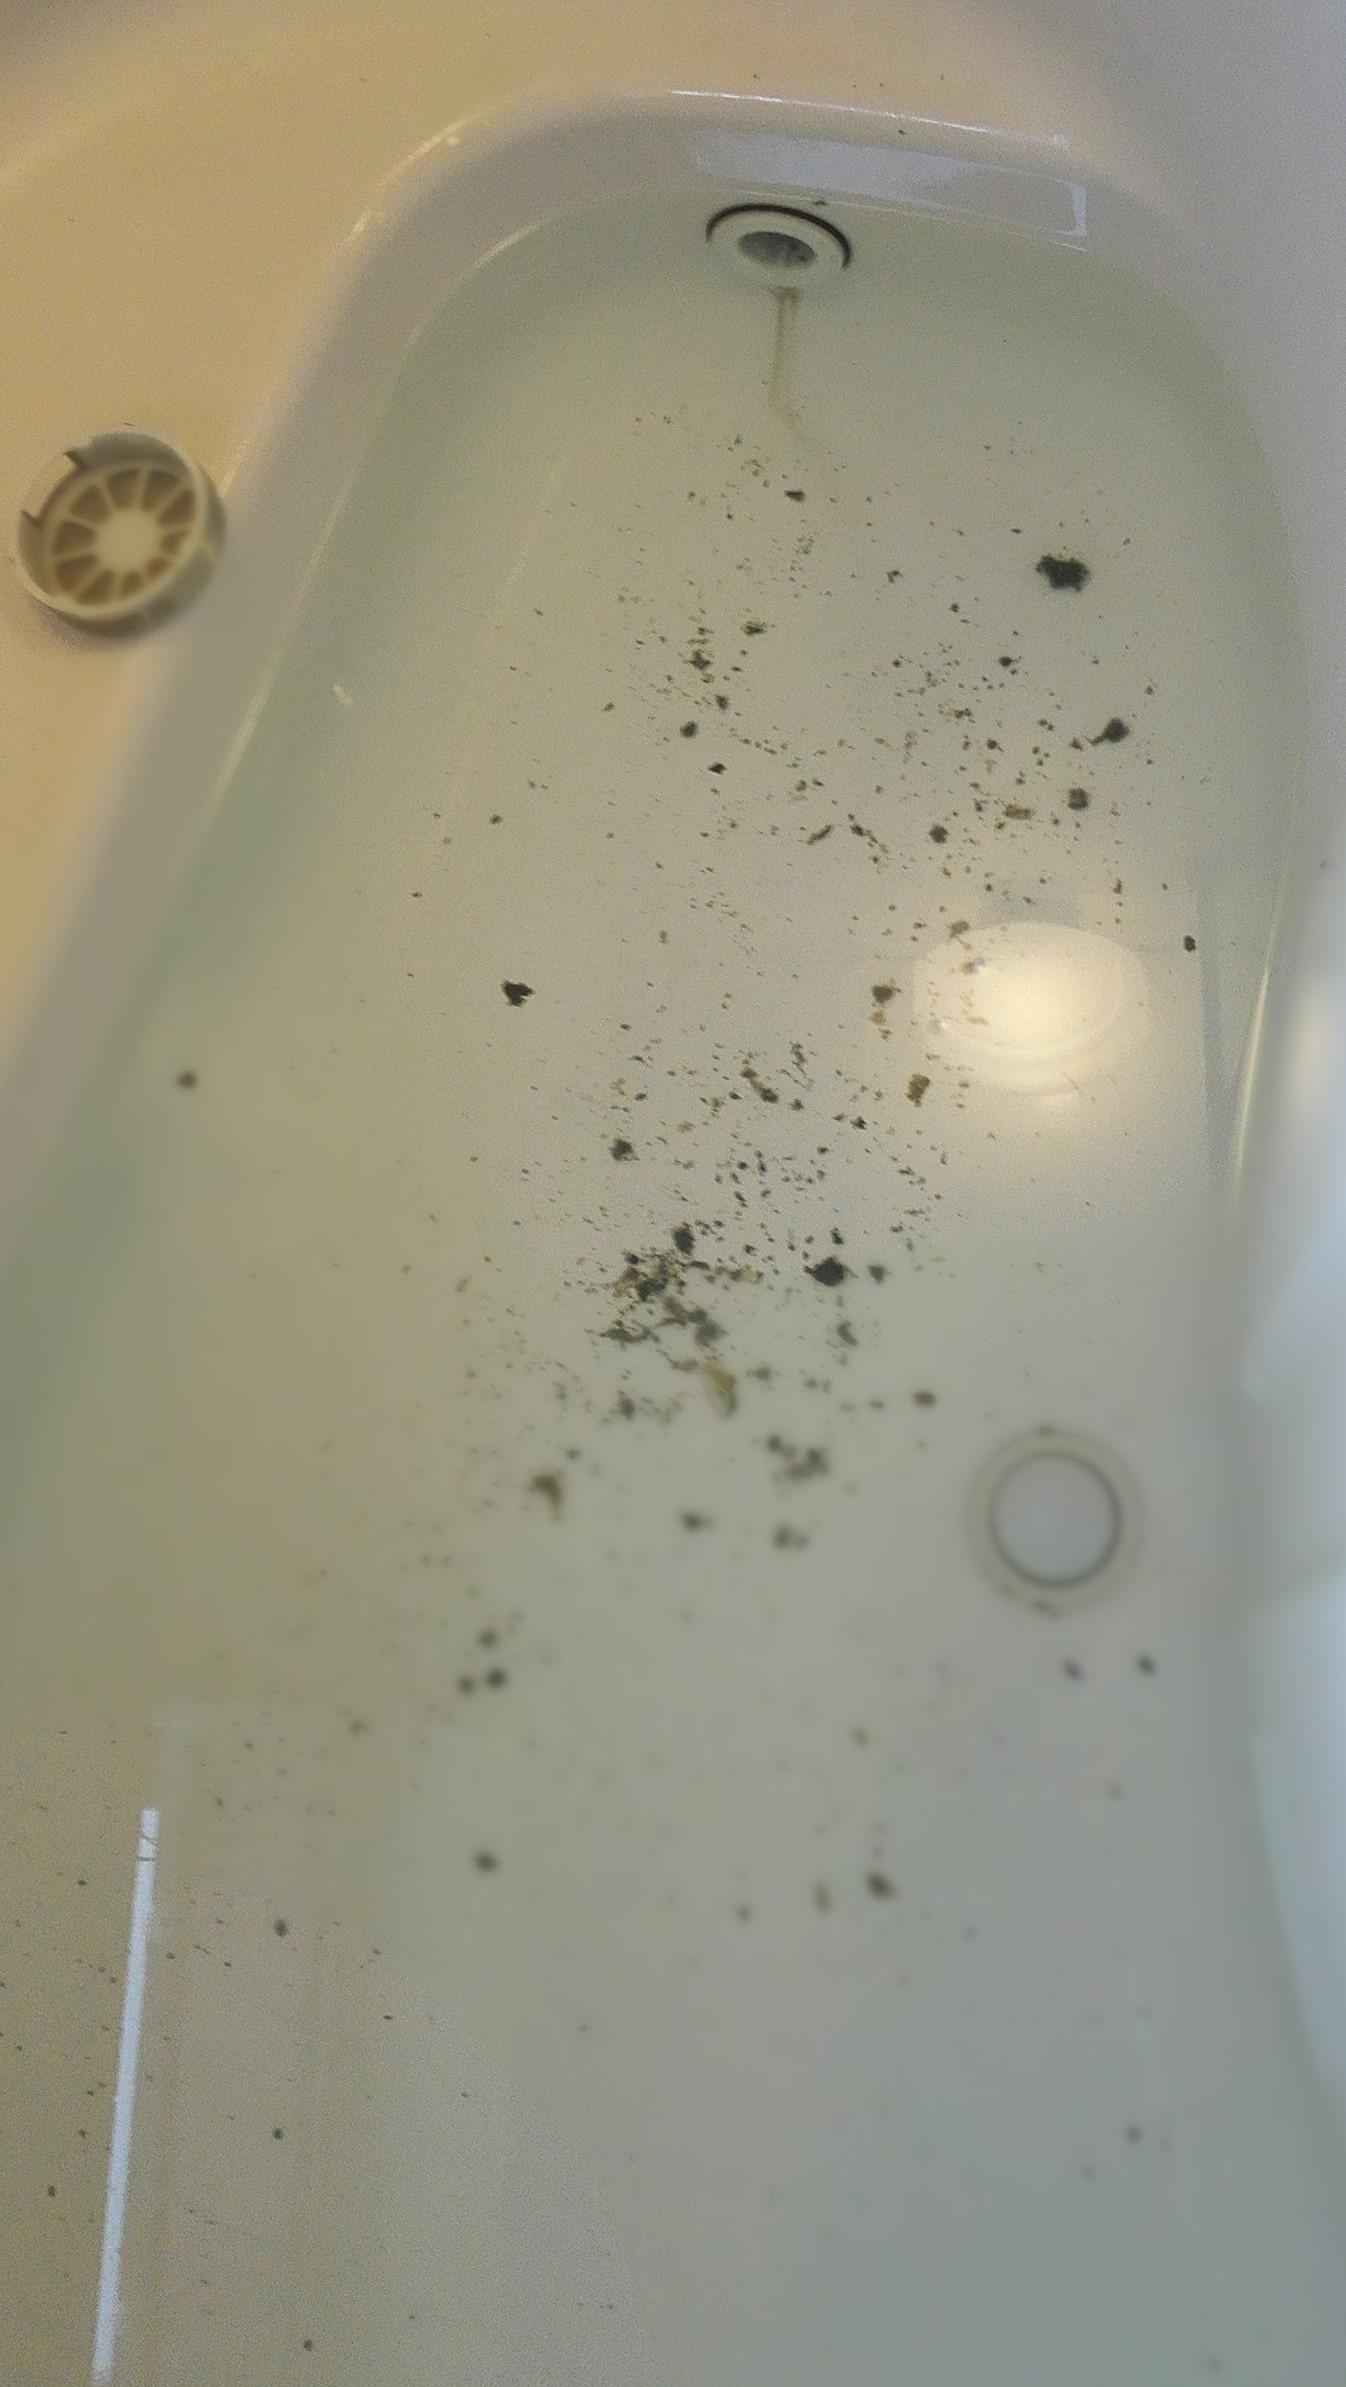 横浜市青葉区H様宅の配管のゴミ